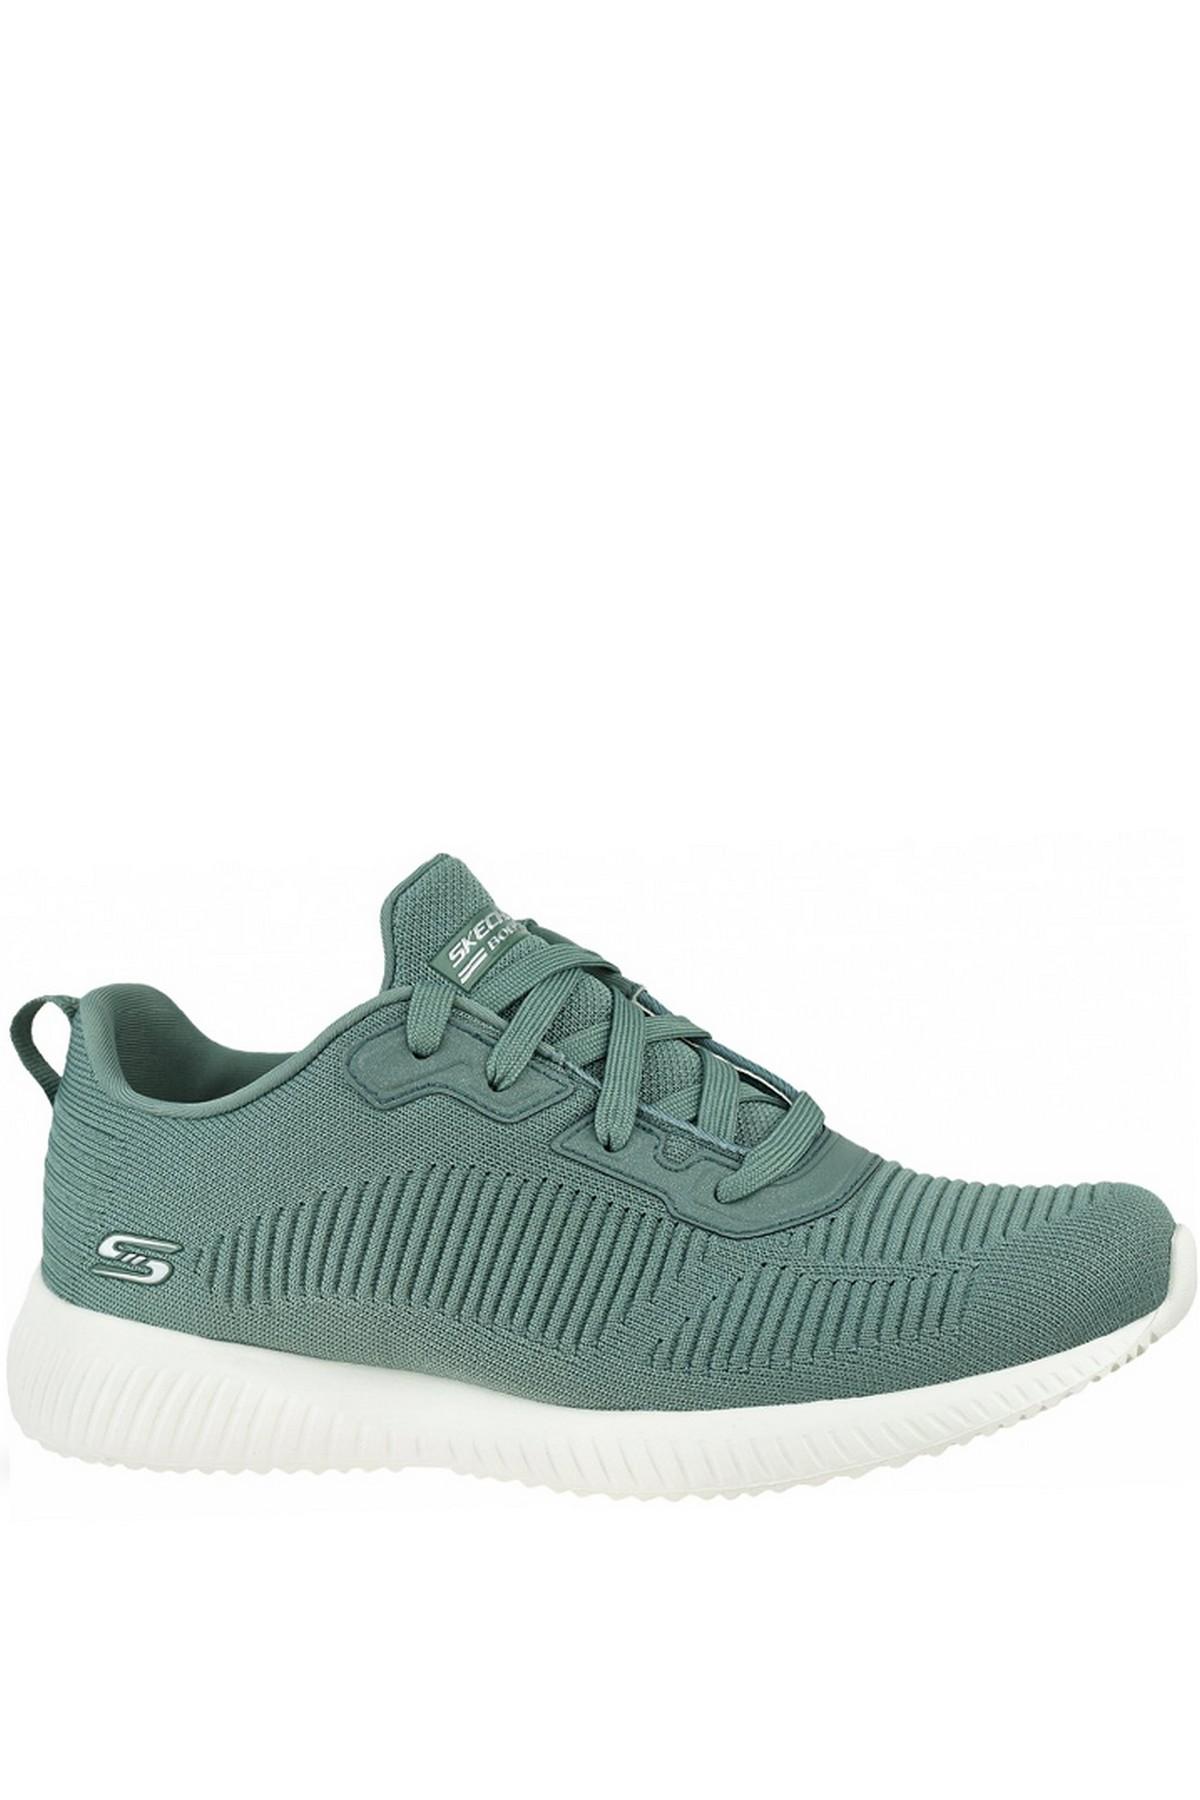 Skechers Kadın Yeşil Spor Ayakkabı Bobs Squad  (32504-SAGE)